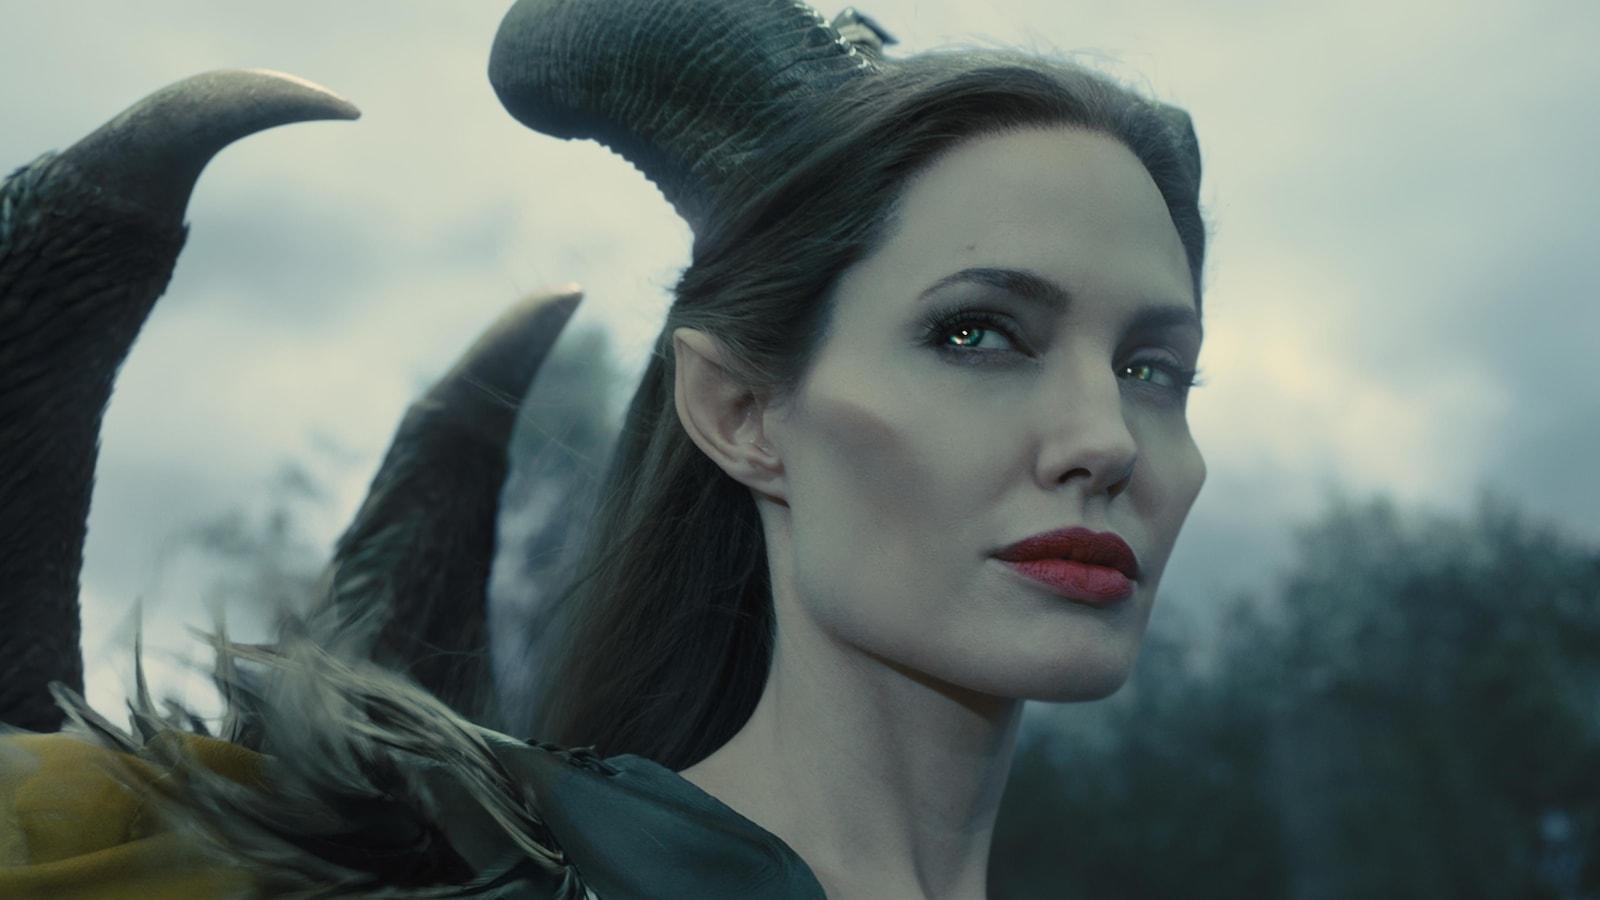 Une femme au visage anguleux, des cornes sur la tête et dans le dos.